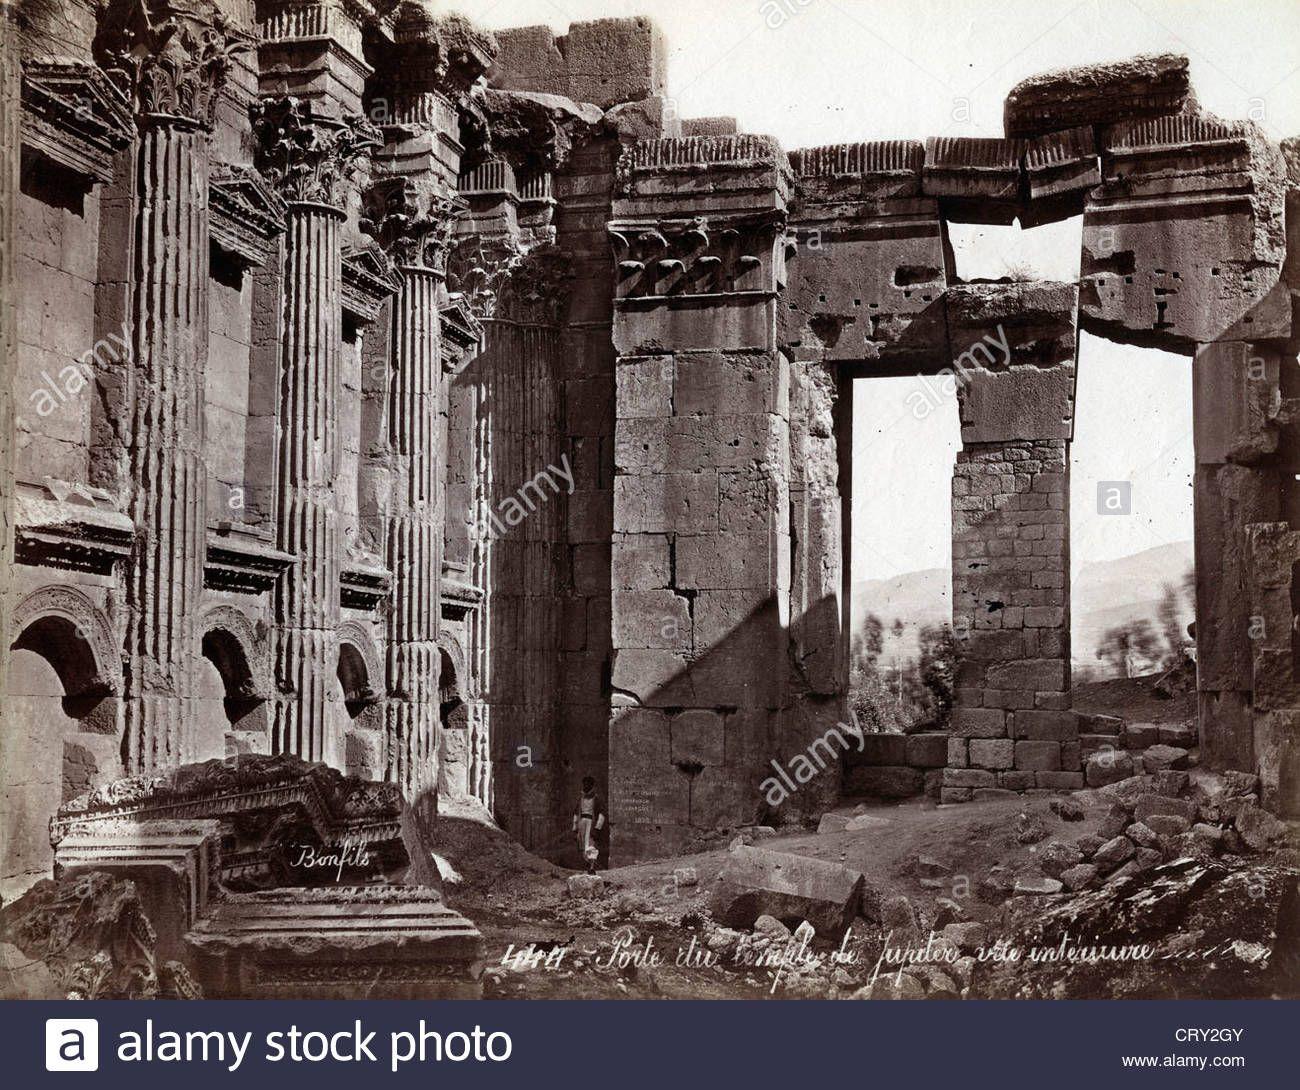 Porte du Temple de Jupiter, Baalbek, Lebanon, ca 1870, by ...